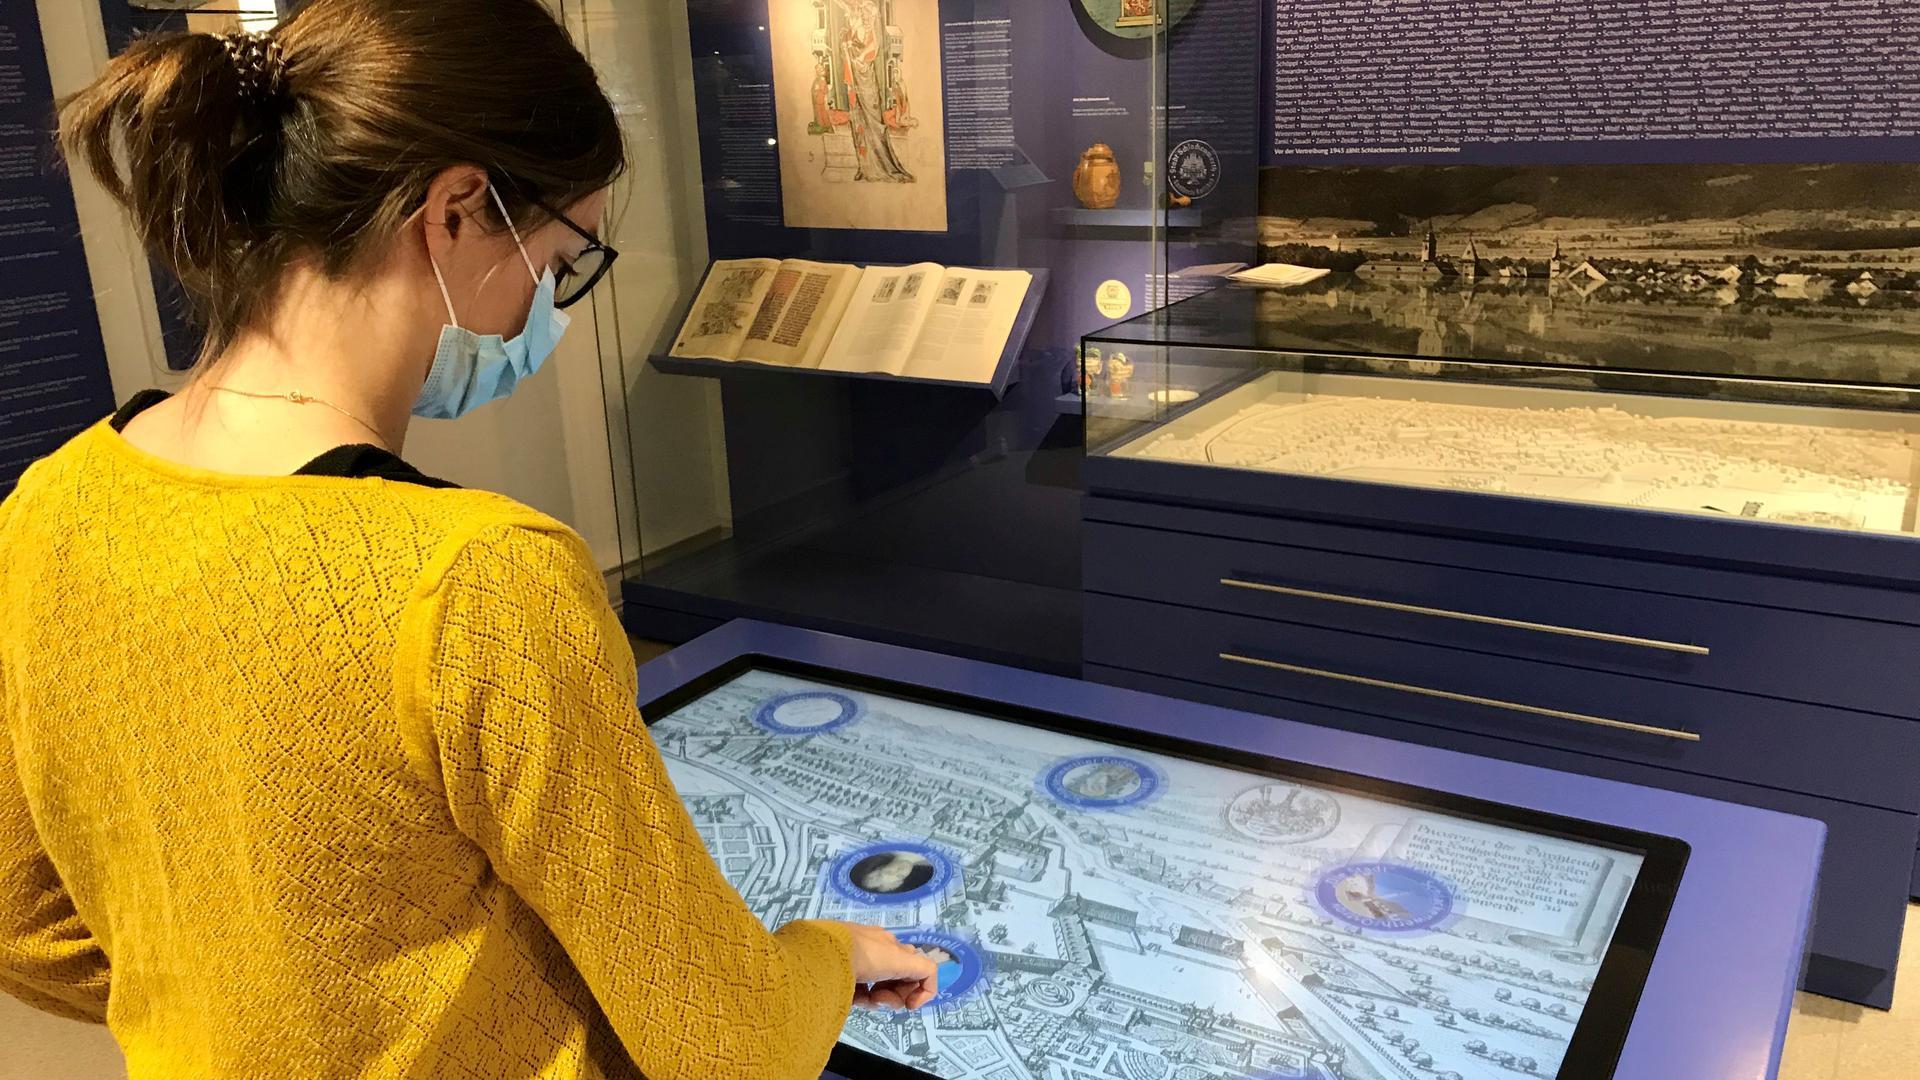 Eine junge Frau bedient einen großen Touchscreen.